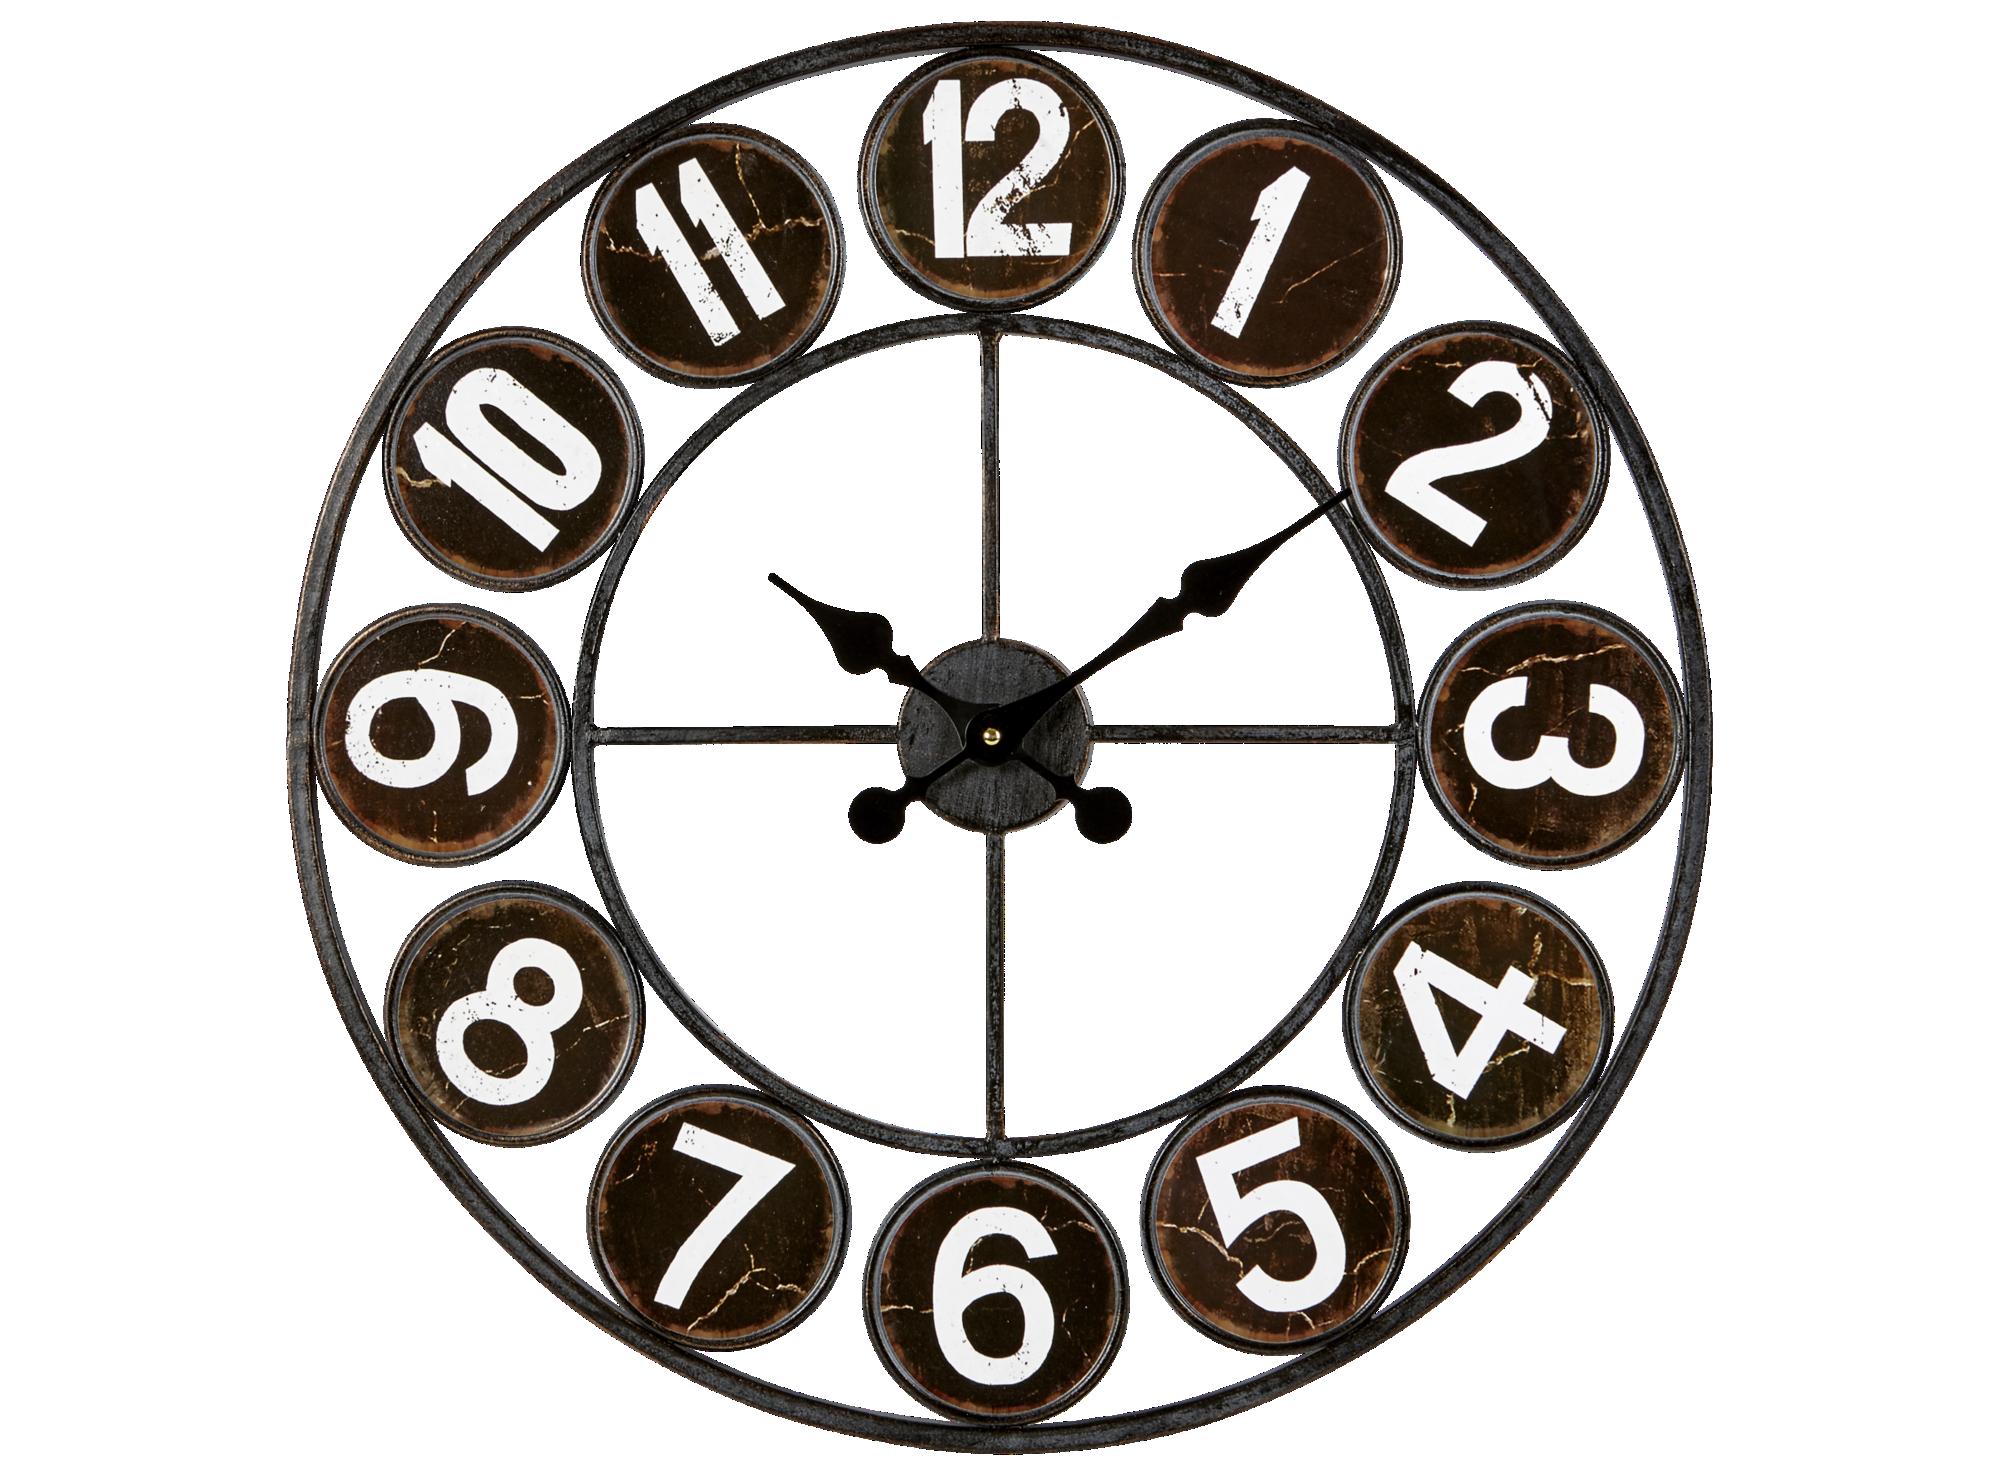 Horloge d.60cm blanc et noir